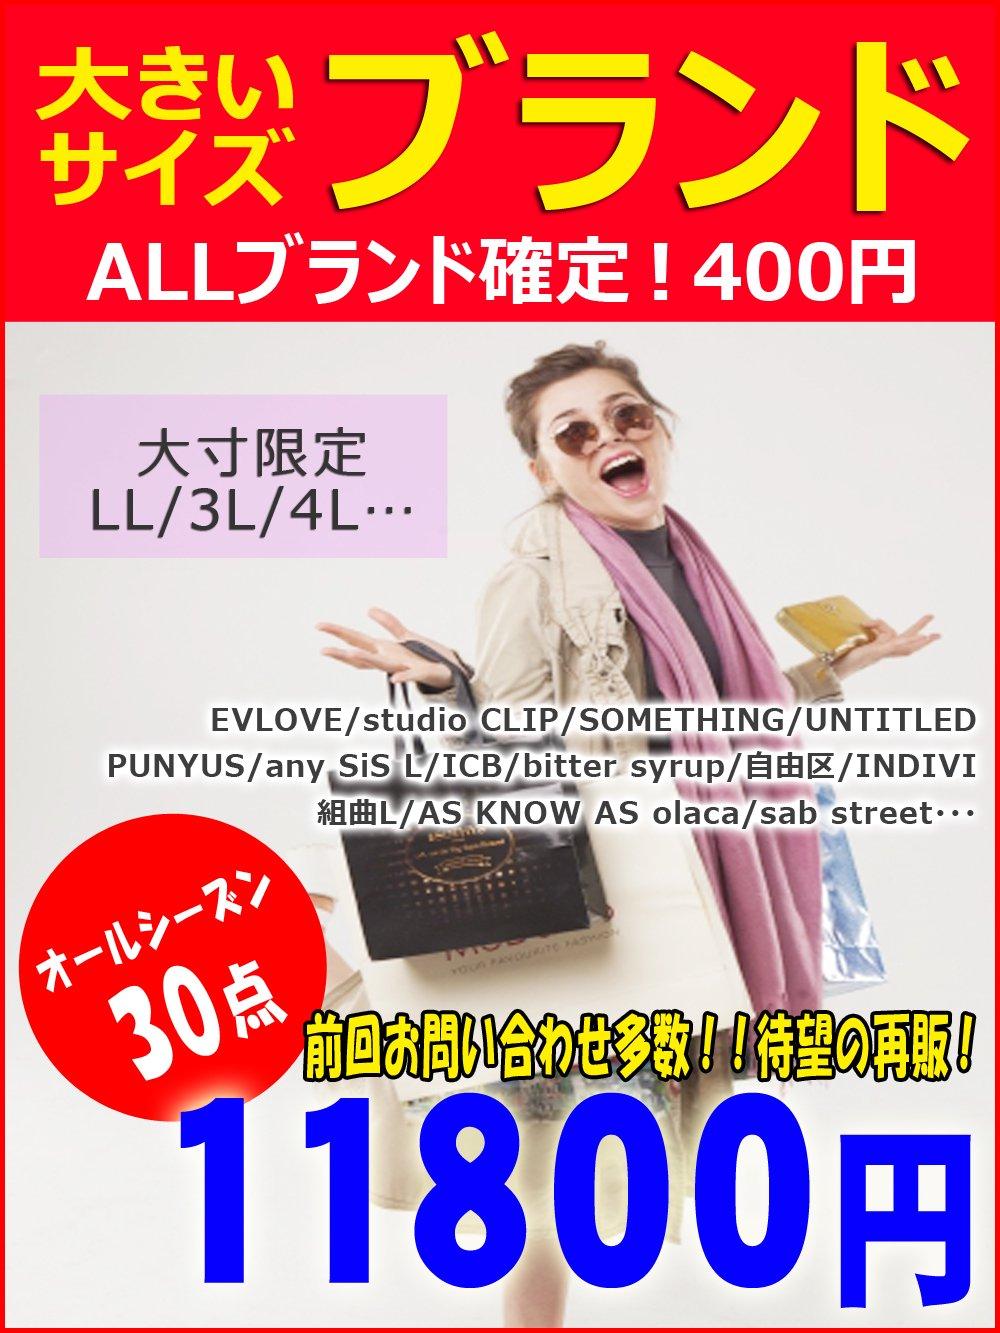 【 大きいサイズ LL~】 レディース 有名某ブランド オールシーズン 【30点】@400